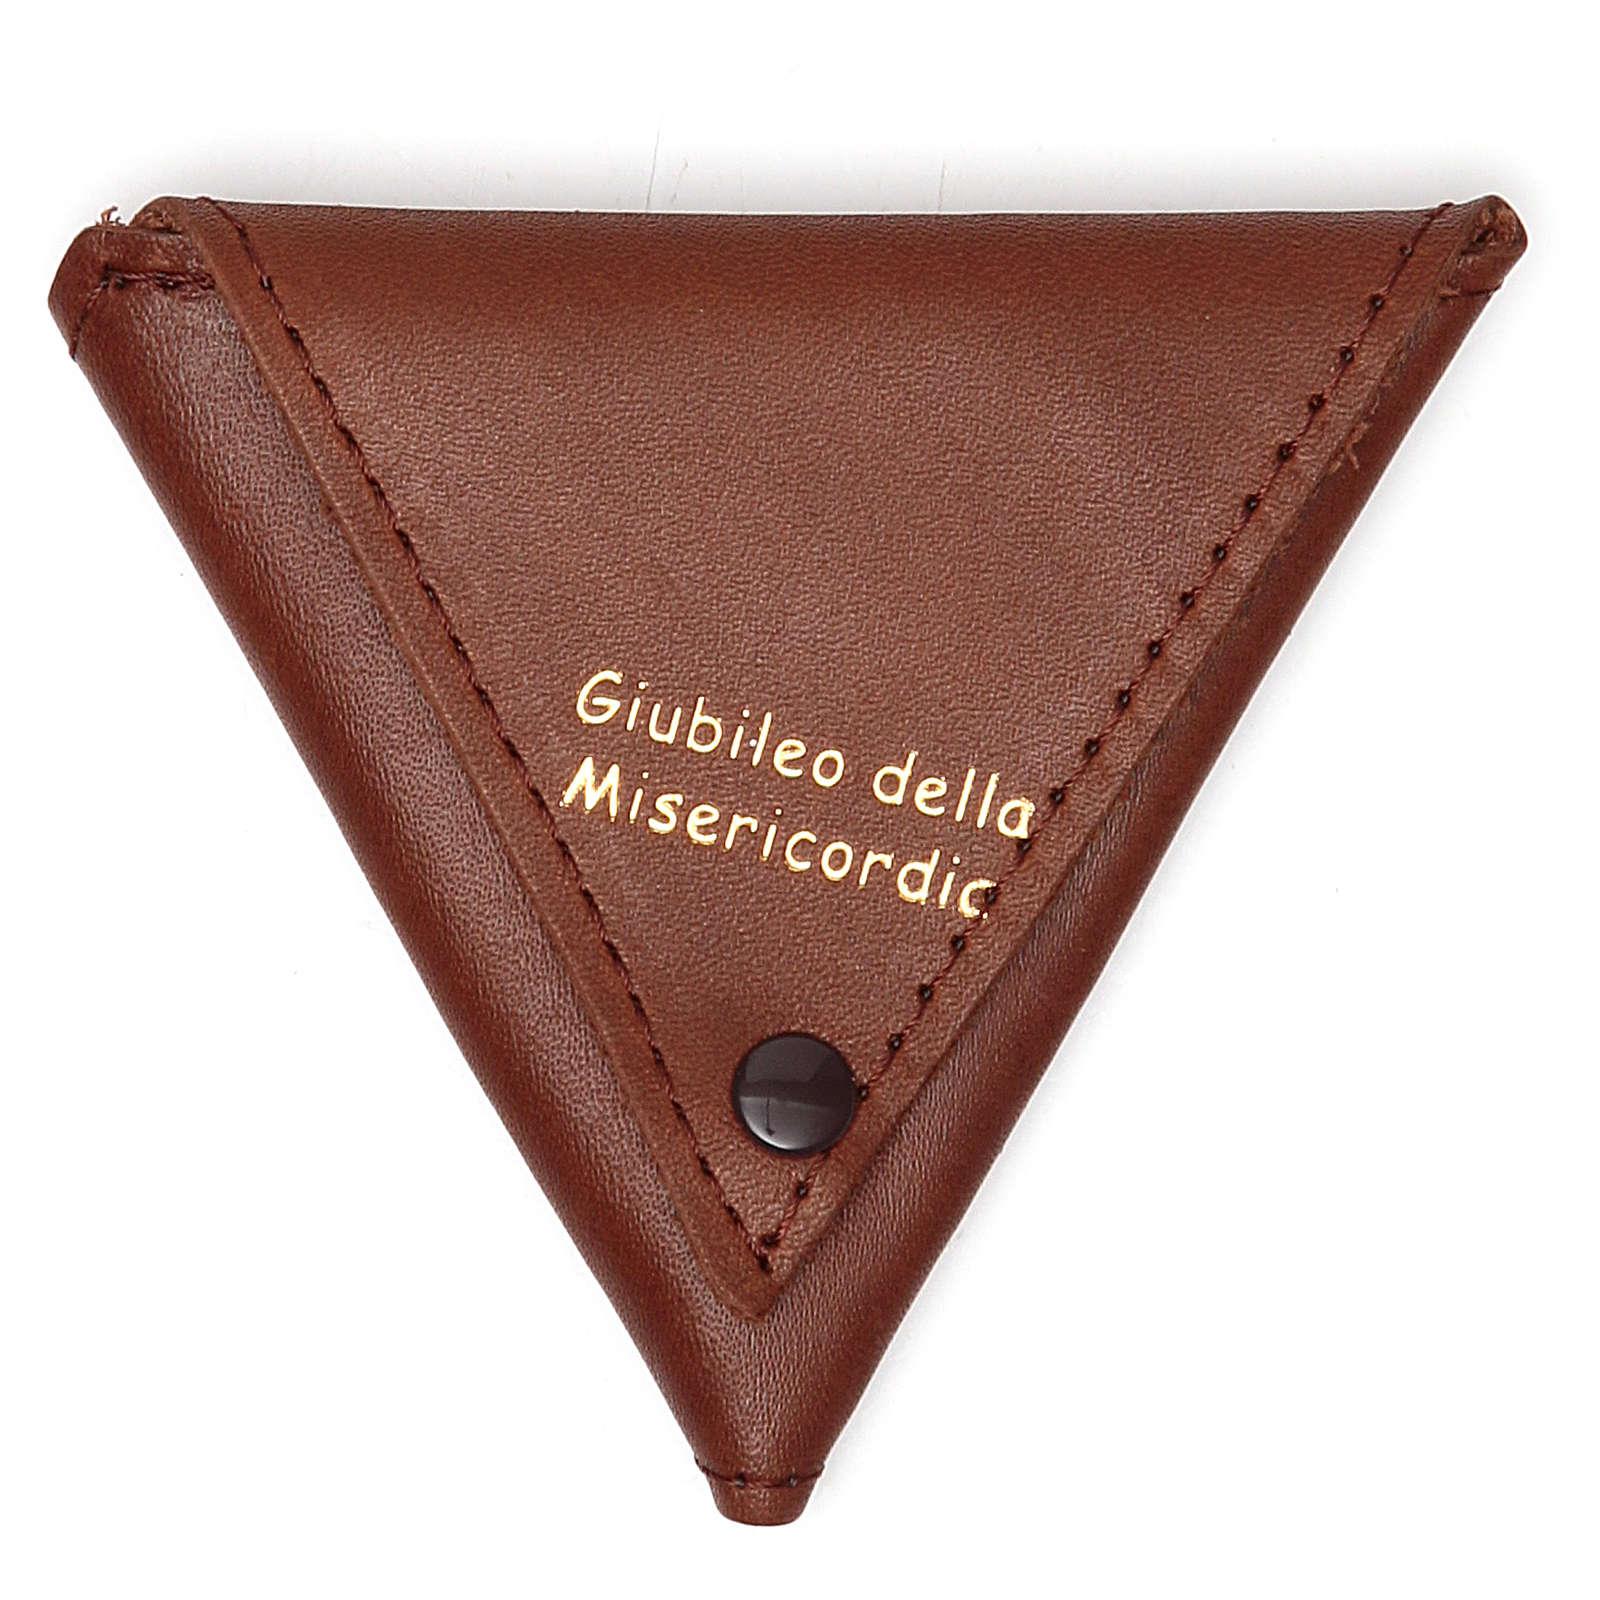 Portarosario triangolo pelle marrone Giubileo 3